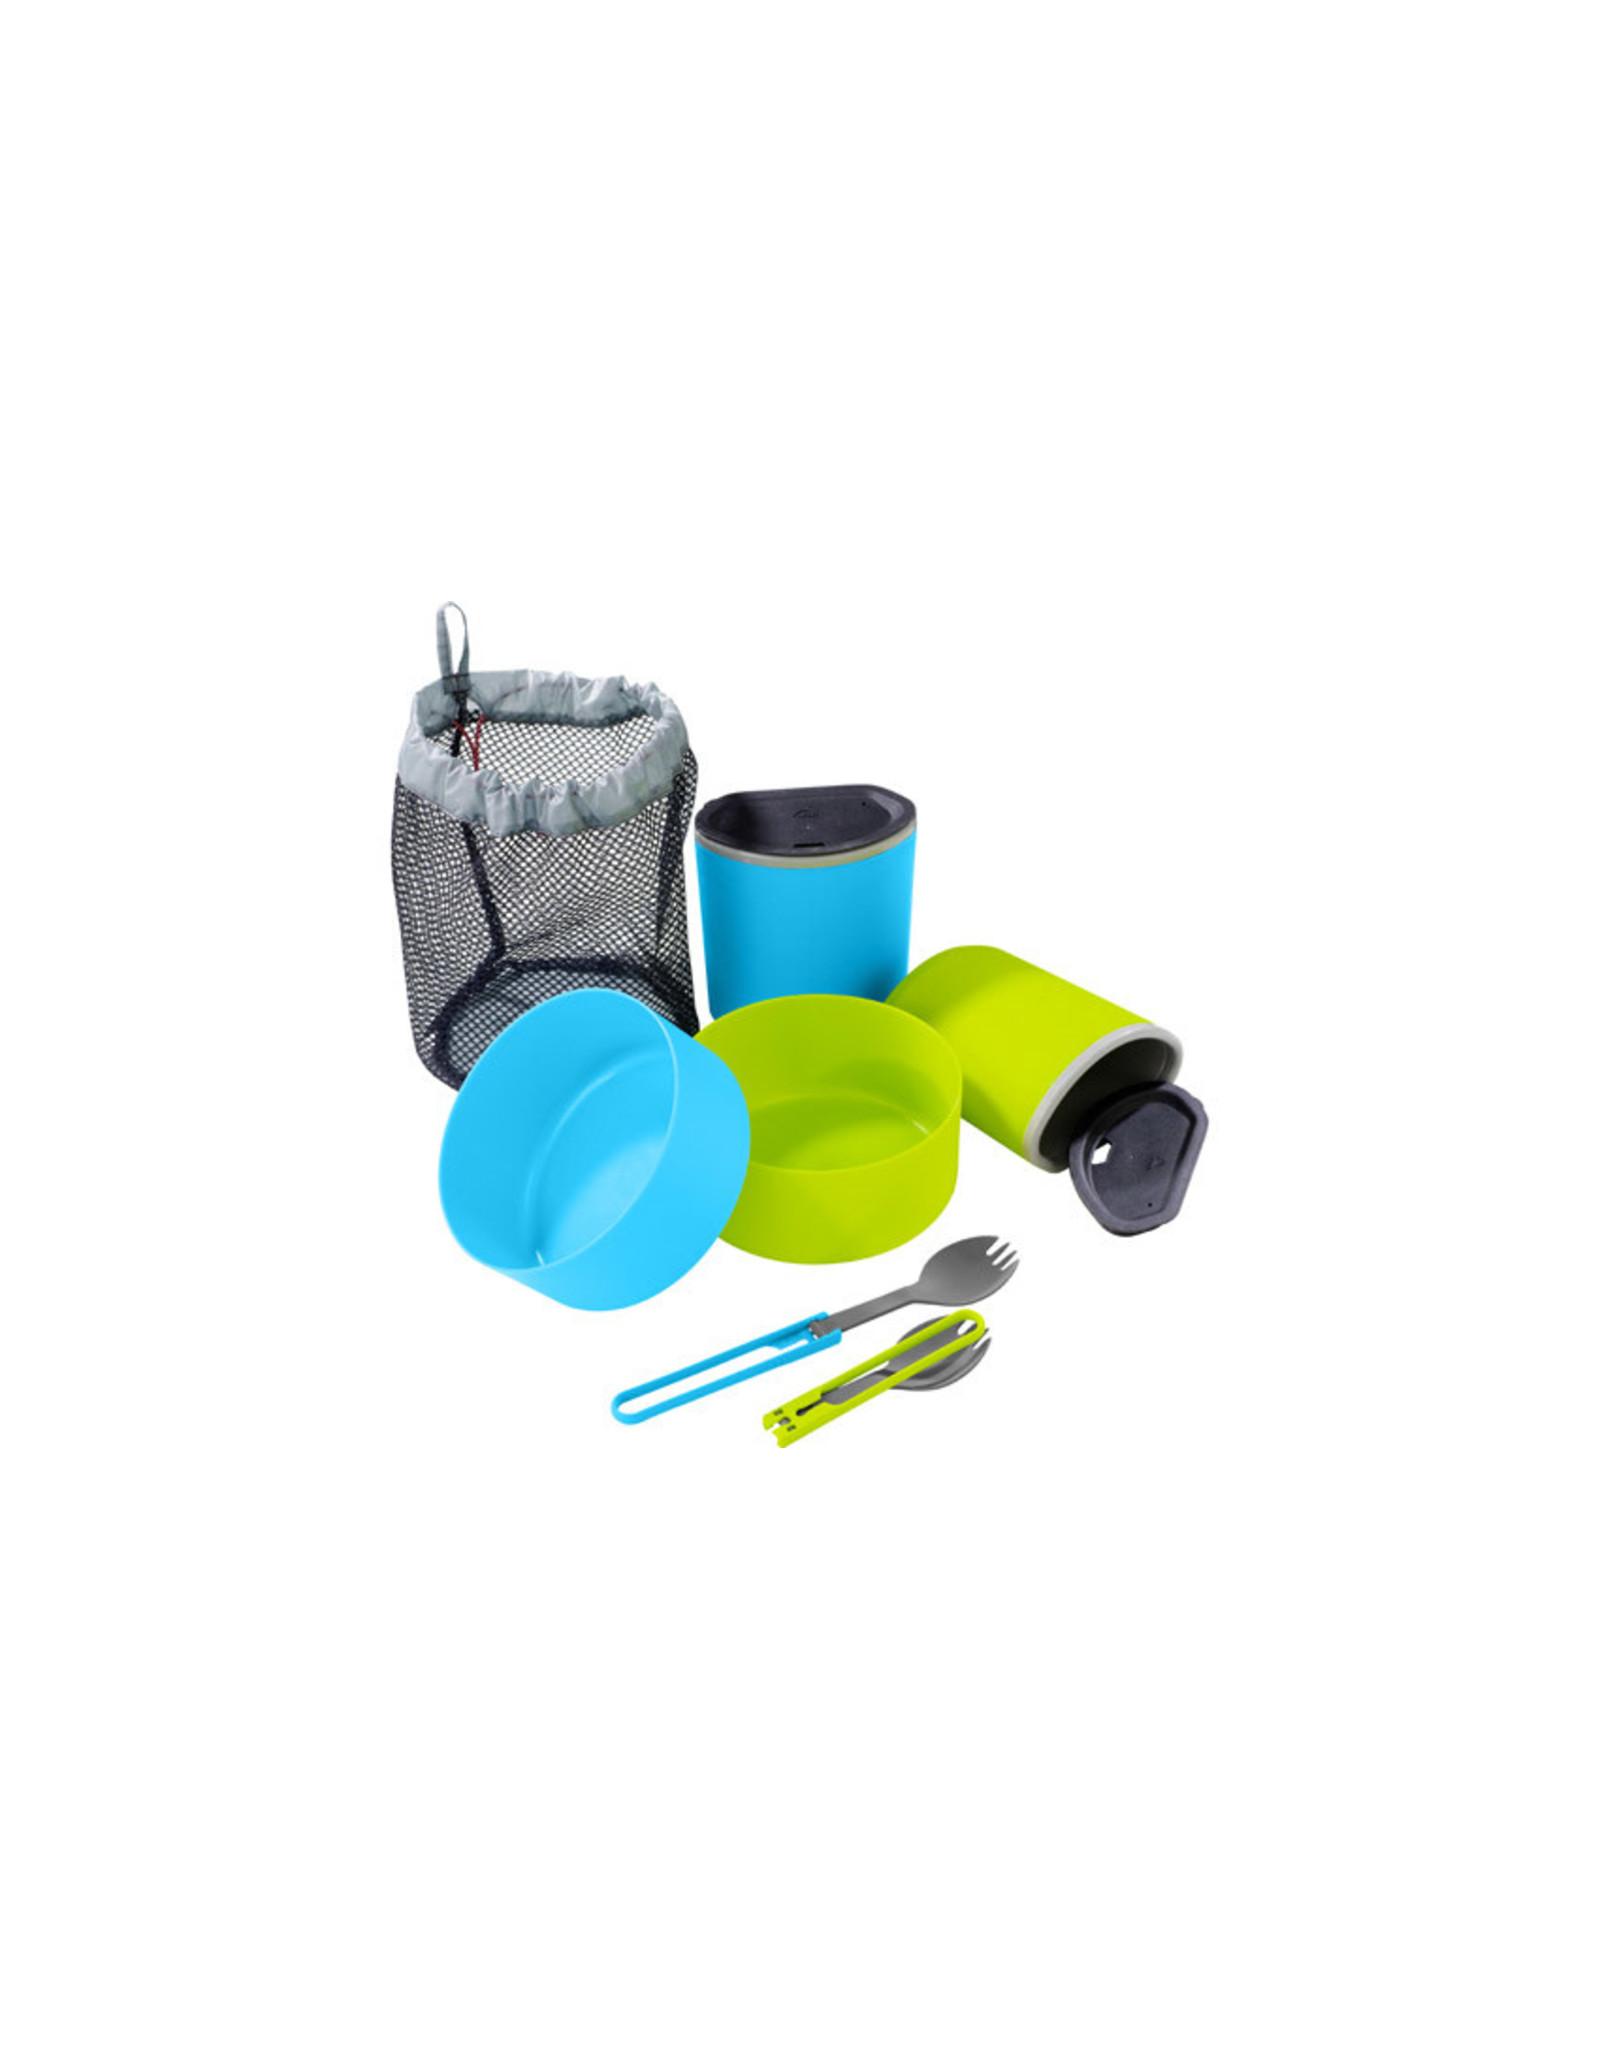 MSR MSR 2 Person Mess Kit